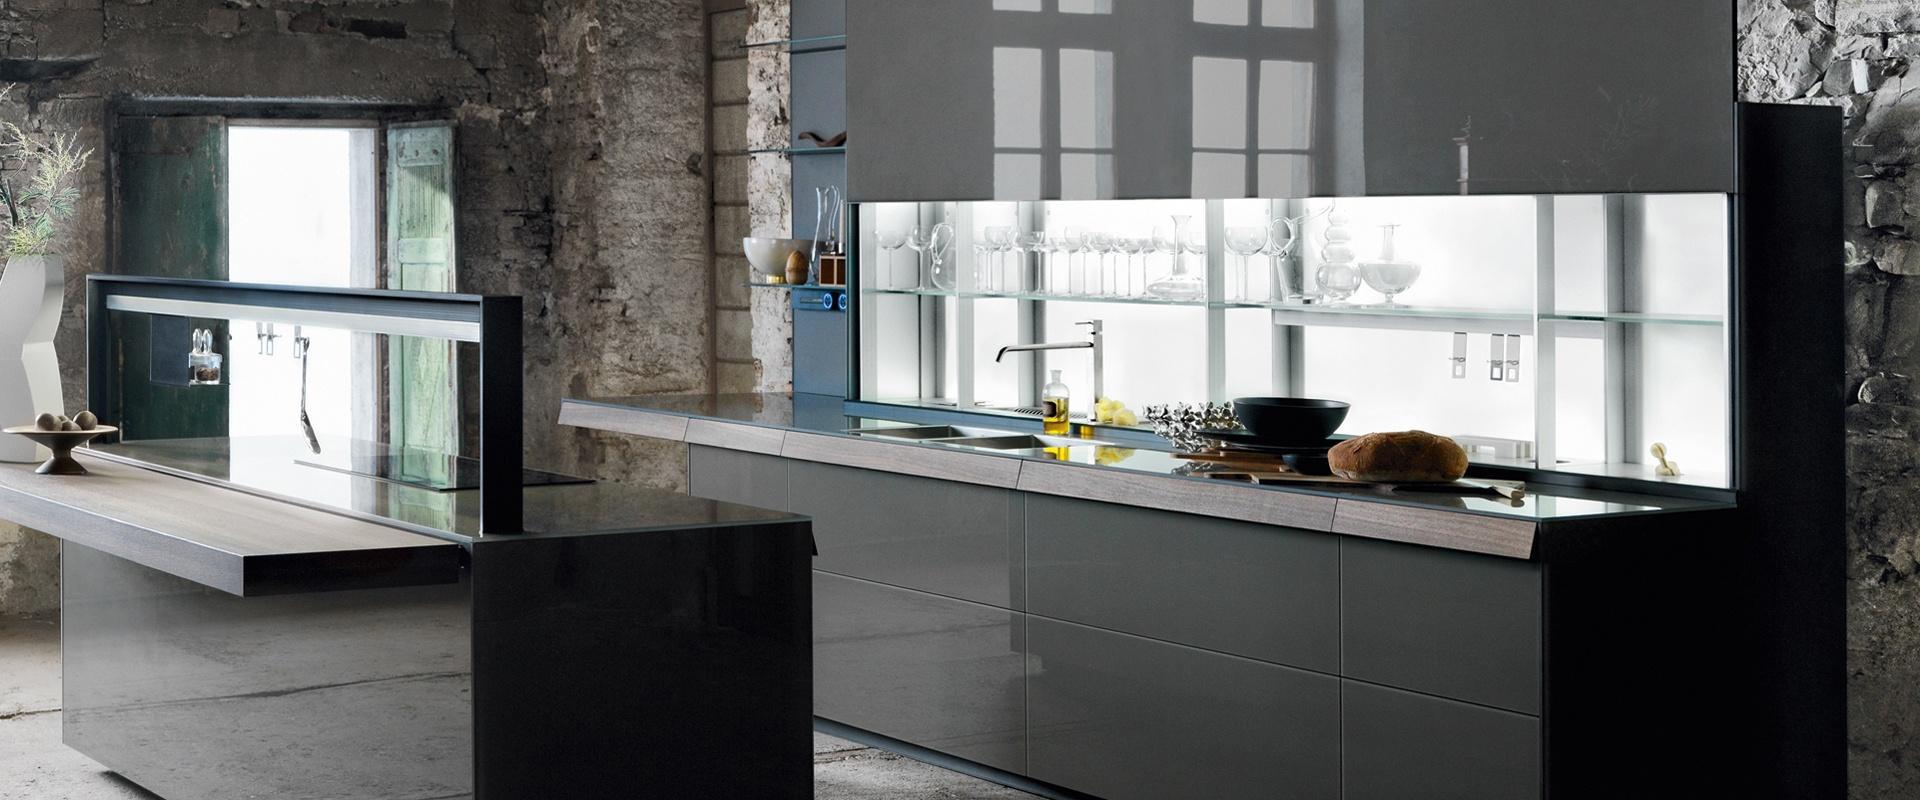 Opinioni Su Arrital Cucine ronchi è abitare | arredamenti di design